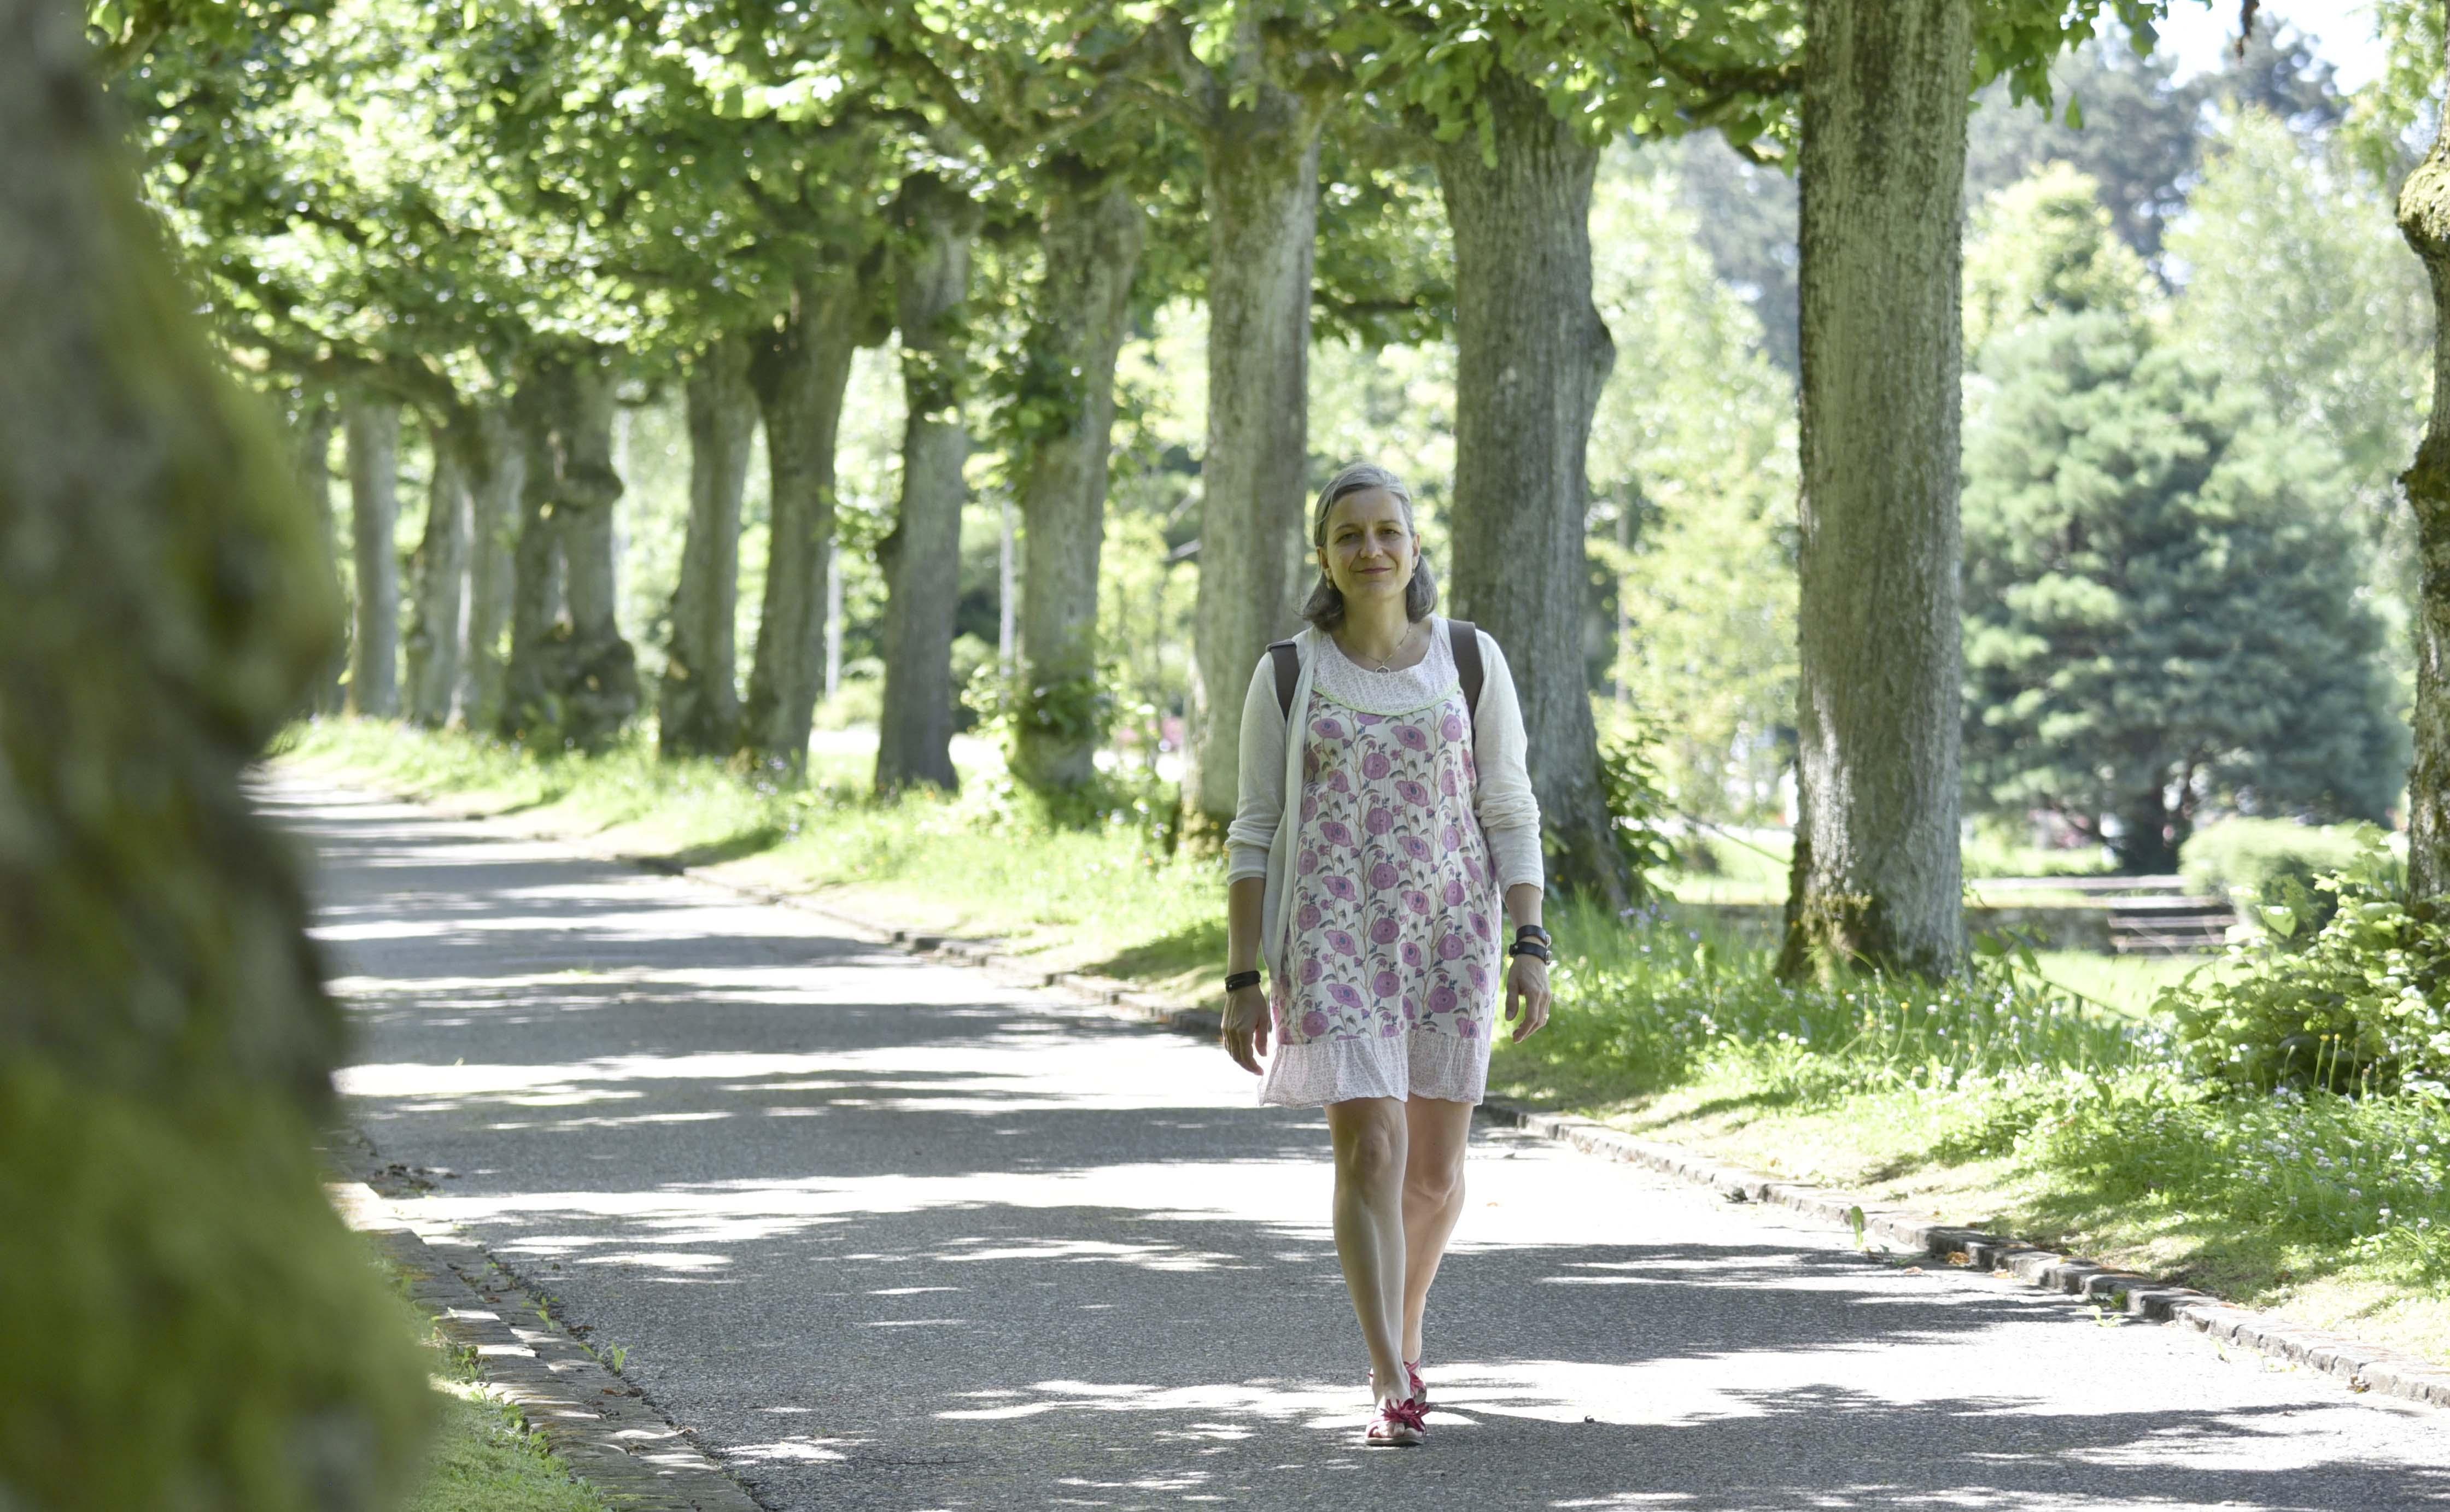 Das Sterben am Anfang eines Lebens gehört zum Beruf der Hebamme: Anna Margareta Neff, Leiterin der Fachstelle Kindsverlust.ch